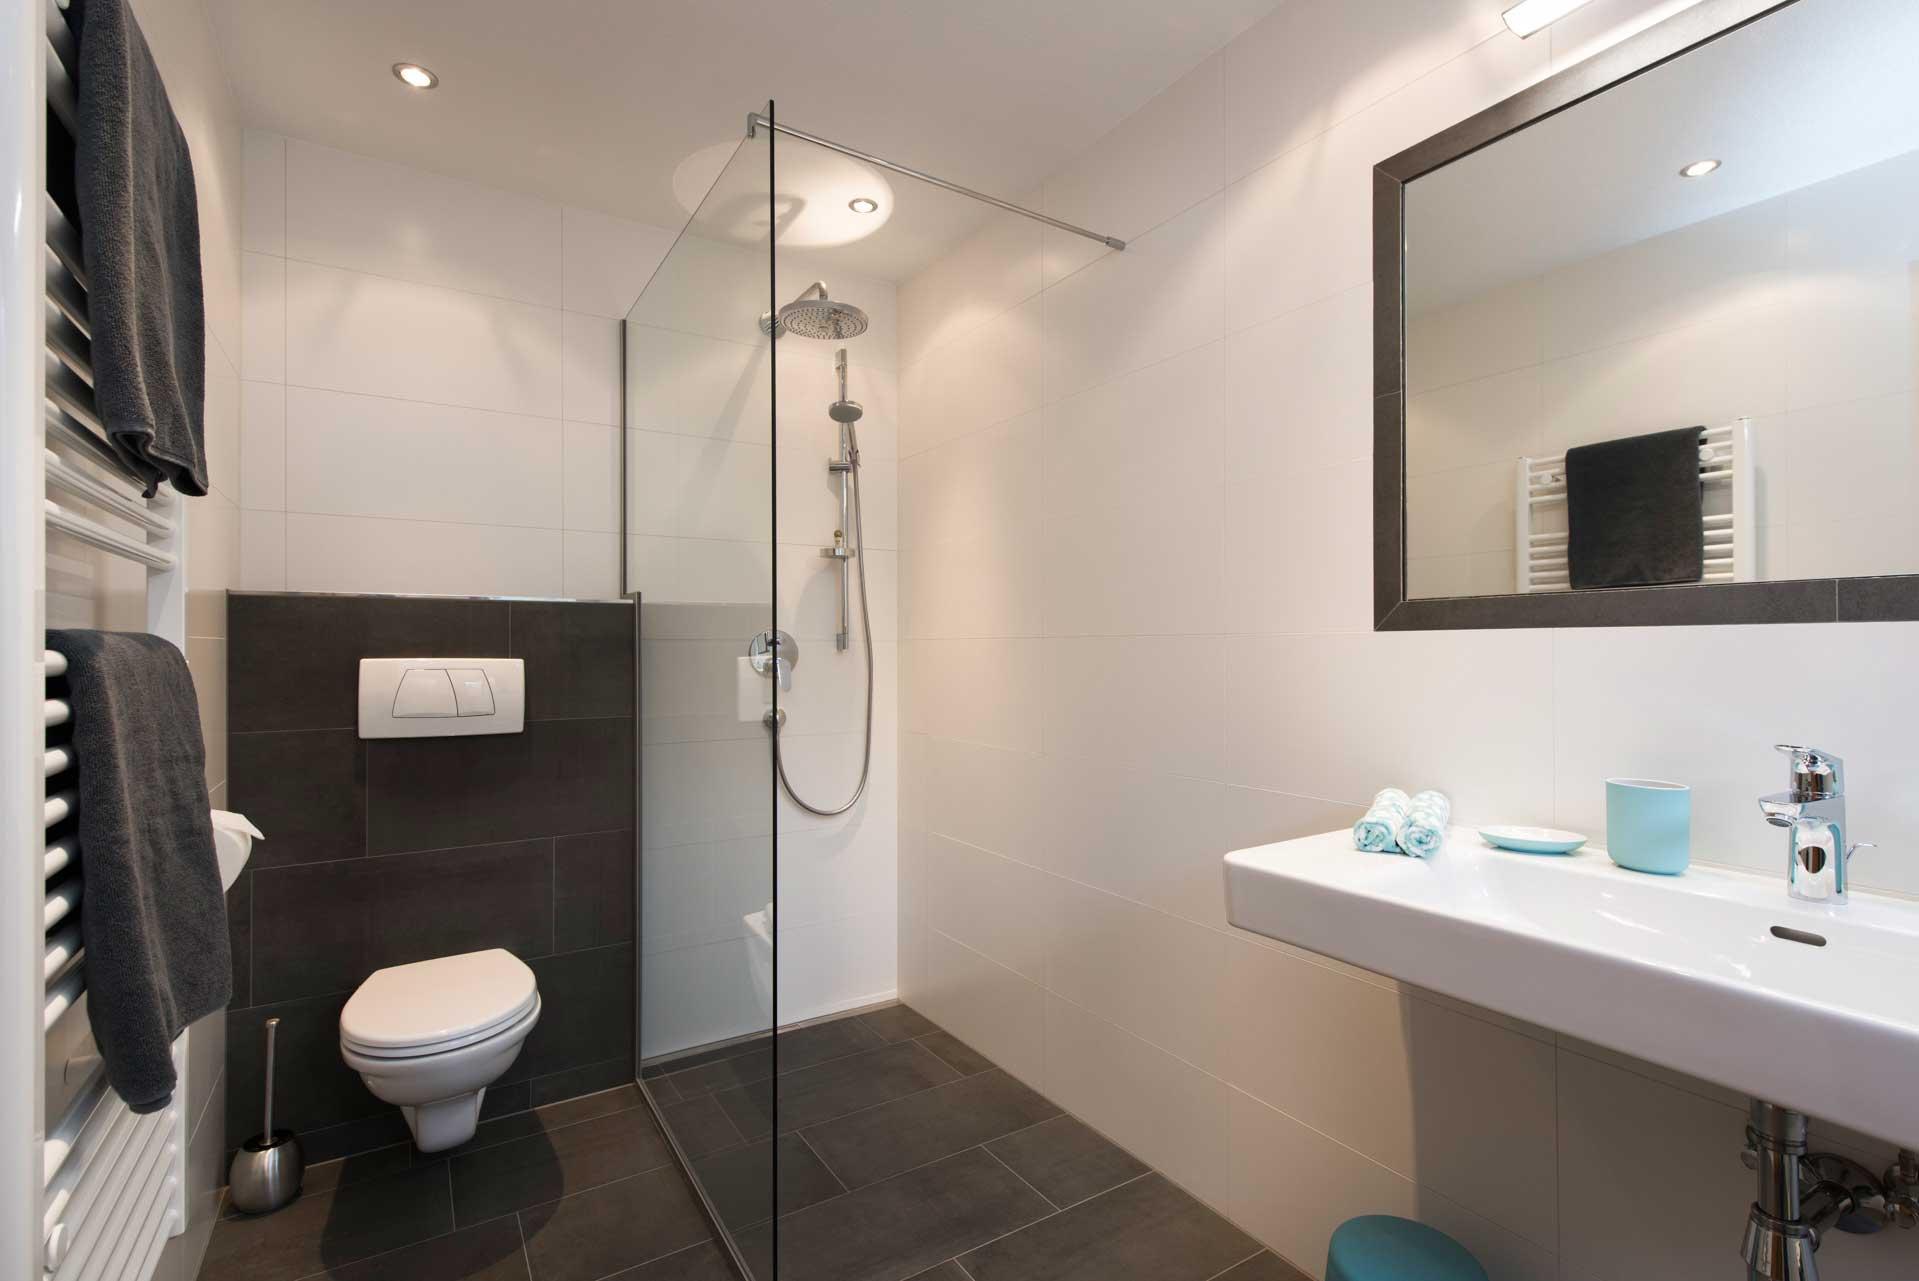 Ferienwohnung Siebenschläfer in Neustift im Stubaital - Badezimmer - Dusche